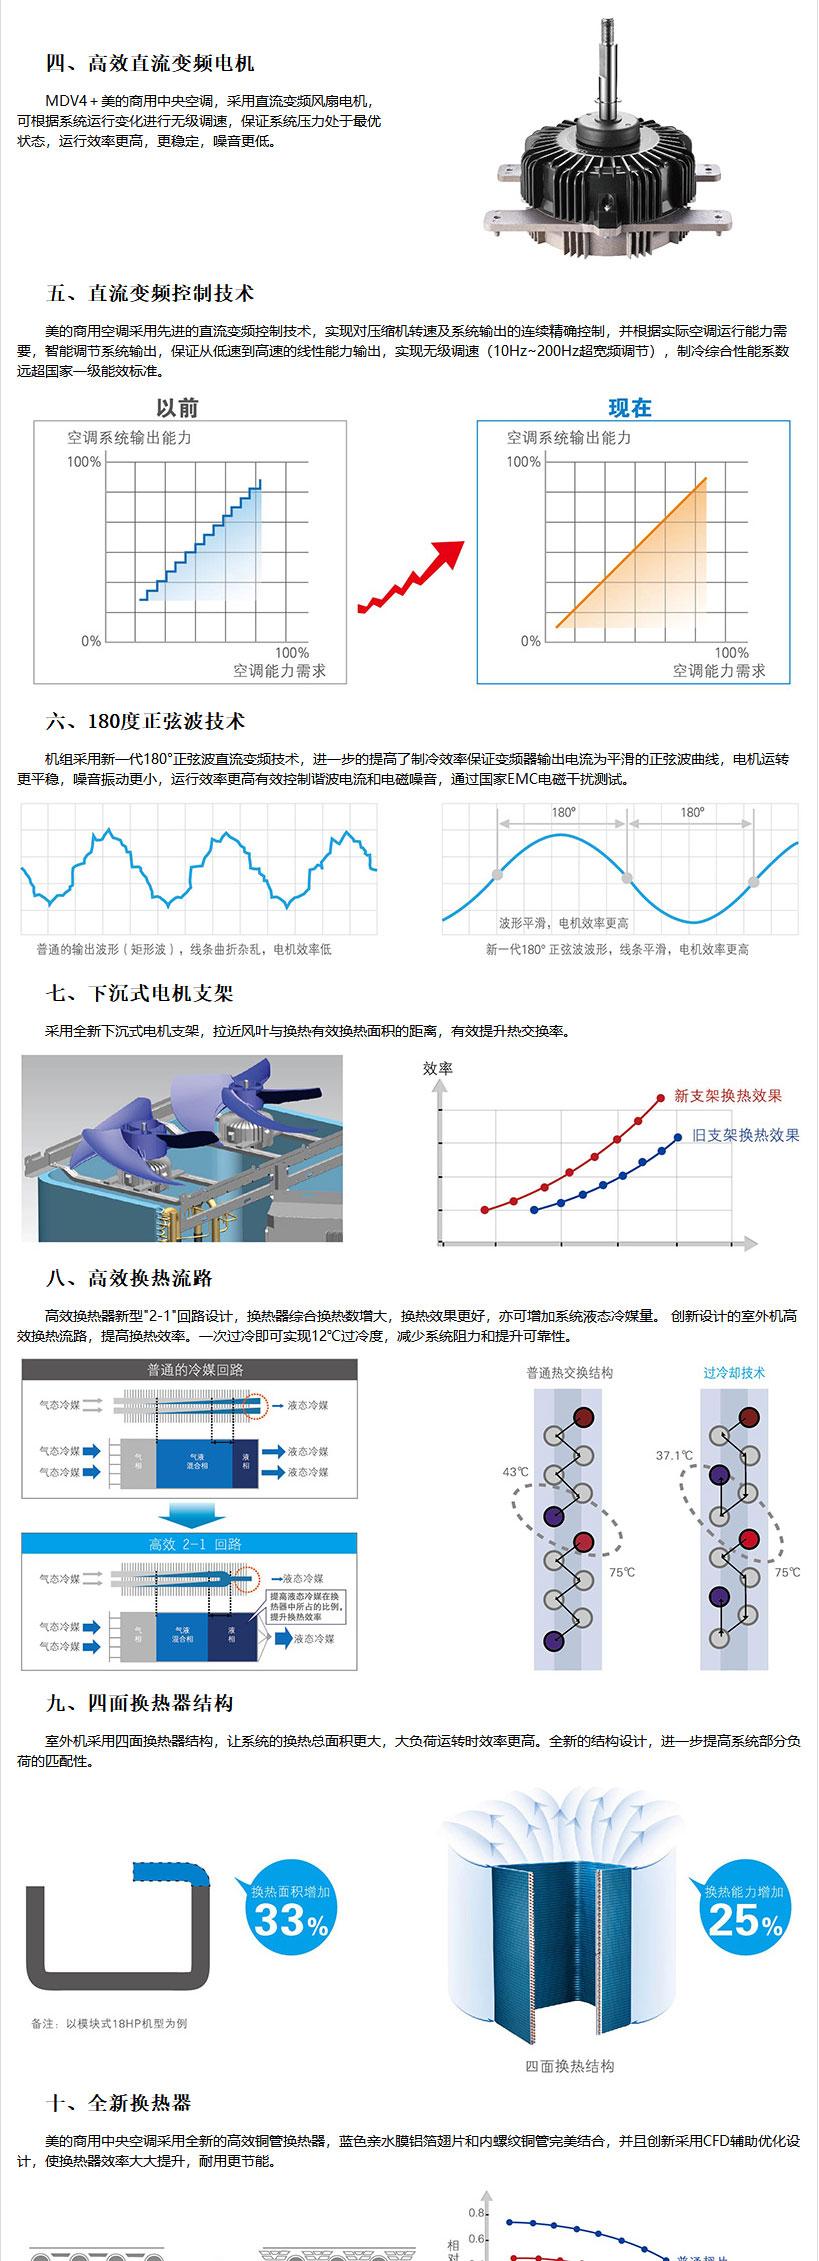 无锡美的商用中央空调-美的MDVX系列直流变频商用空调介绍_02